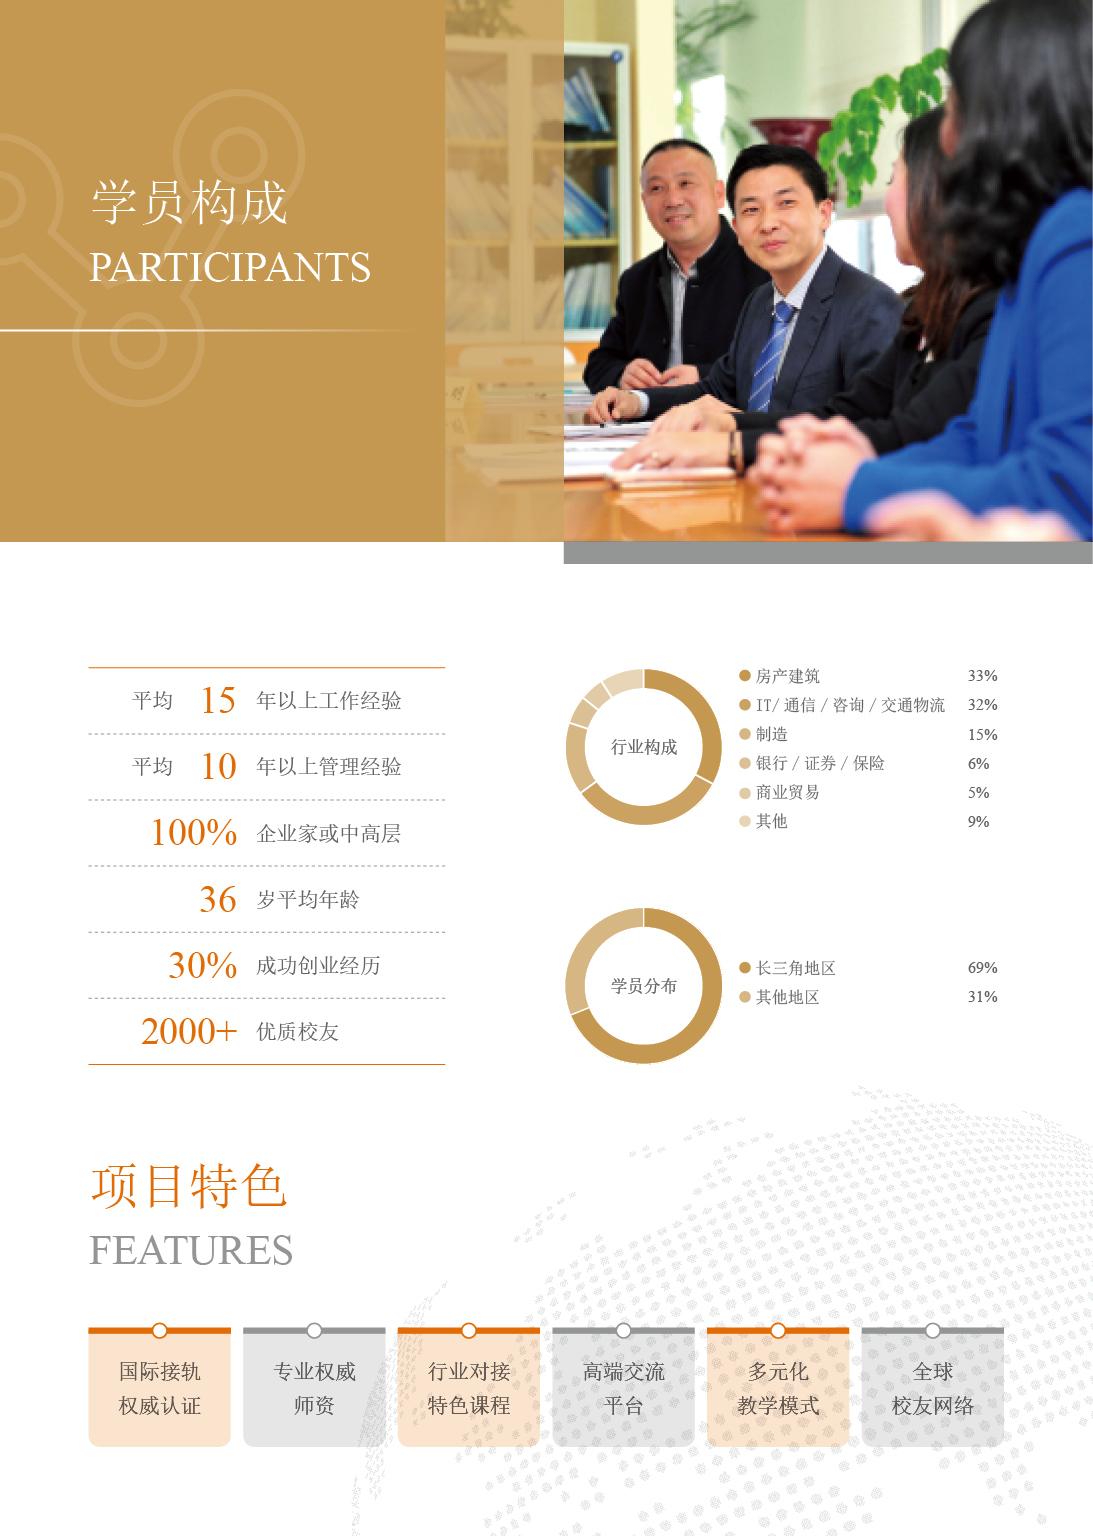 2019级同济大学EMBA项目招生简章